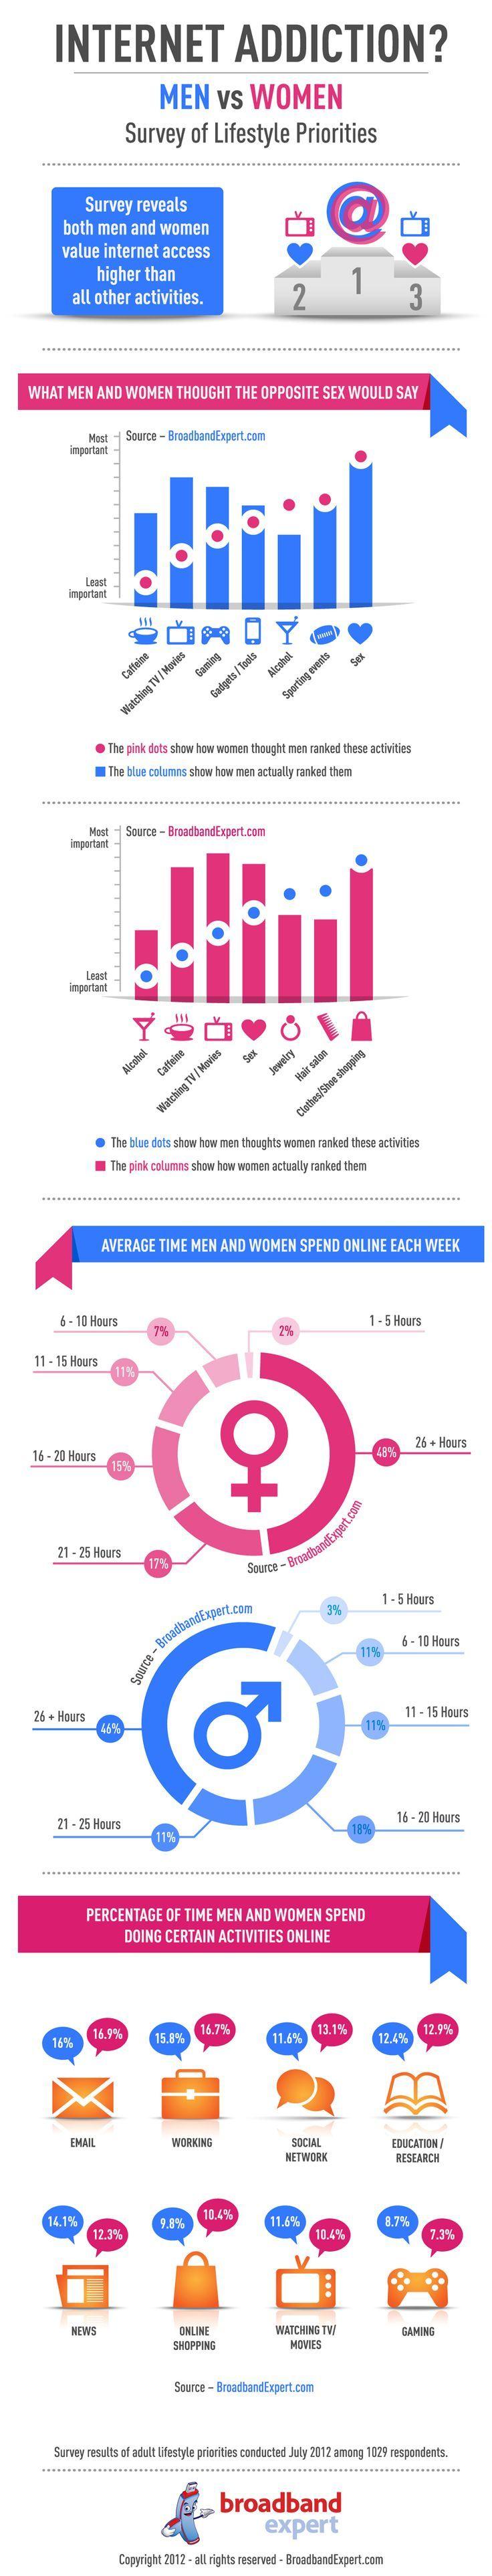 best internet addiction images mental health  internet addiction men vs women infographic